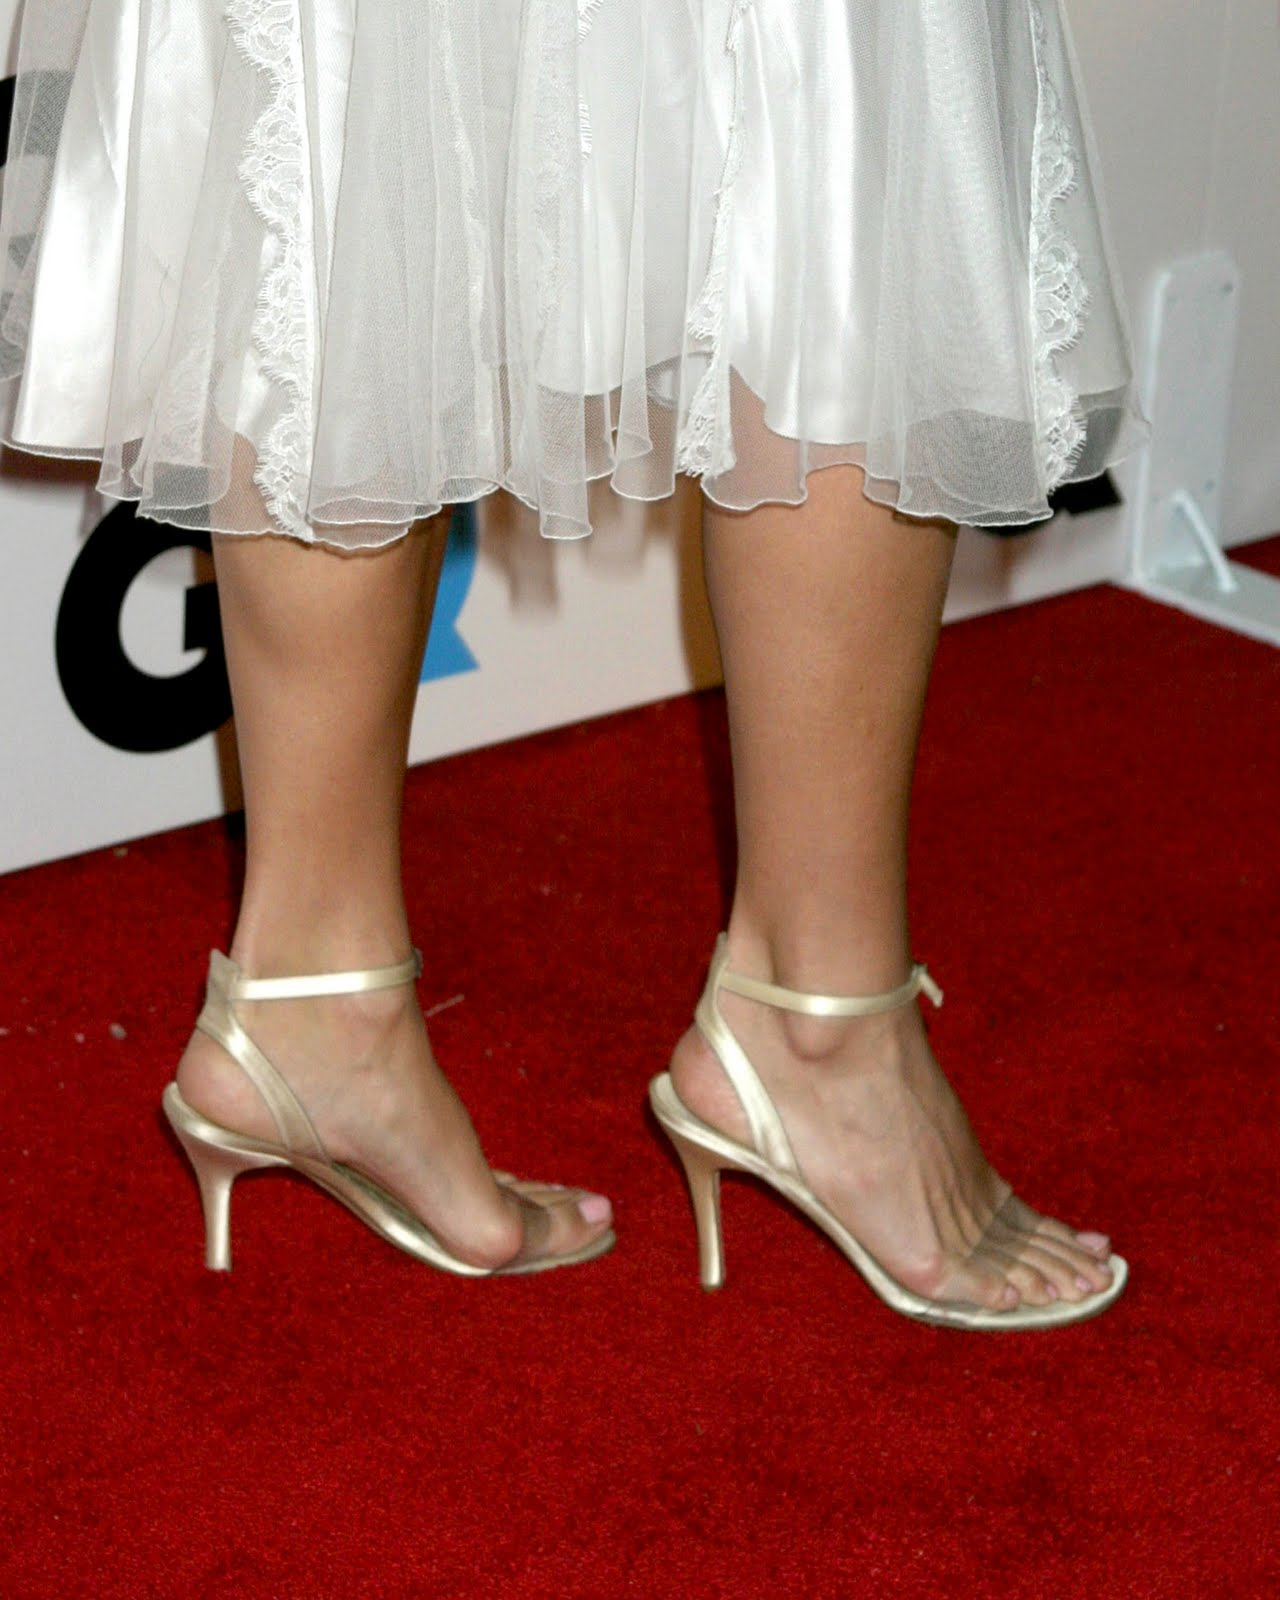 http://4.bp.blogspot.com/_bQ0SqifjNcg/TE_Fx3VT7OI/AAAAAAAAZjg/c3eeqpJMOkQ/s1600/molly-sims-feet-3.jpg